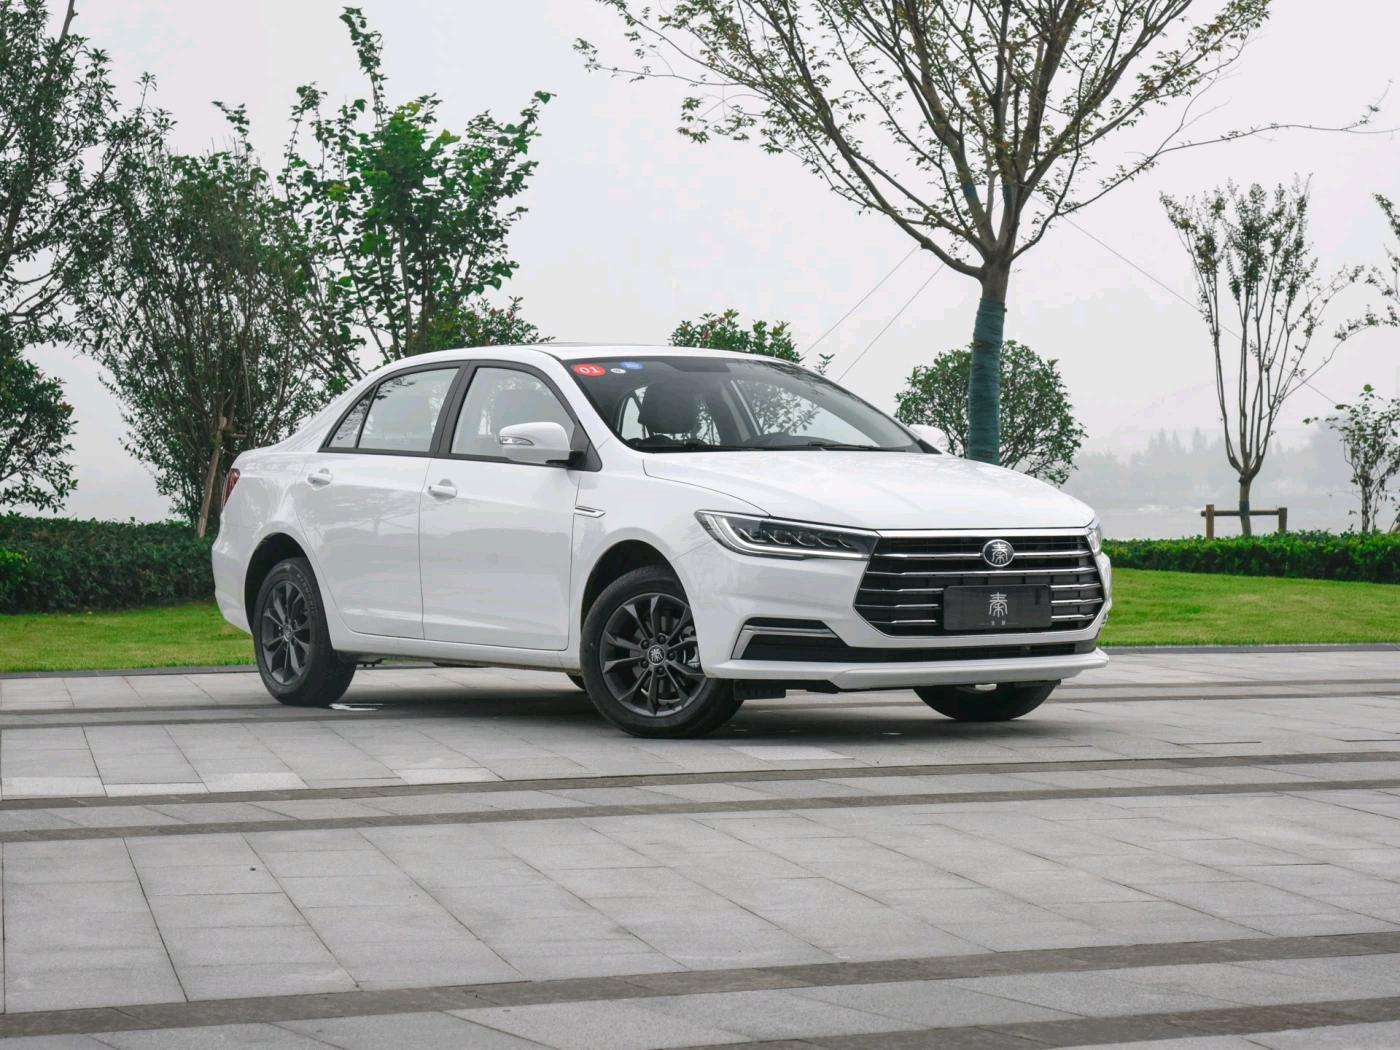 全新秦燃油及EV車型全面升級而來 實力與品質之外價格是最大驚喜